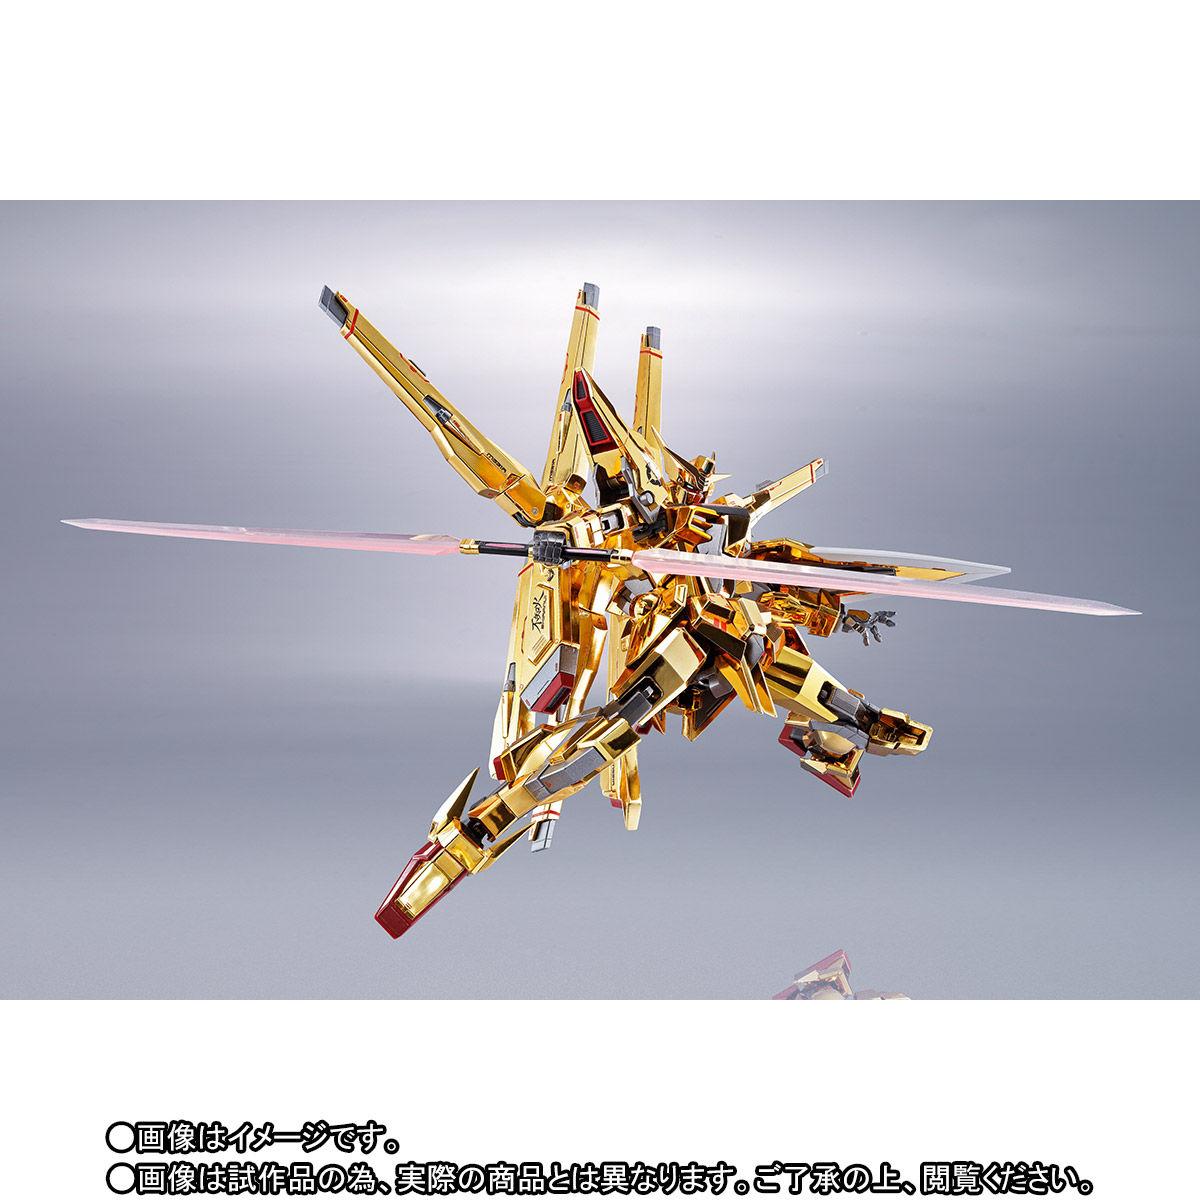 【限定販売】METAL ROBOT魂〈SIDE MS〉『アカツキガンダム(シラヌイ装備)』機動戦士ガンダムSEED DESTINY 可動フィギュア-003